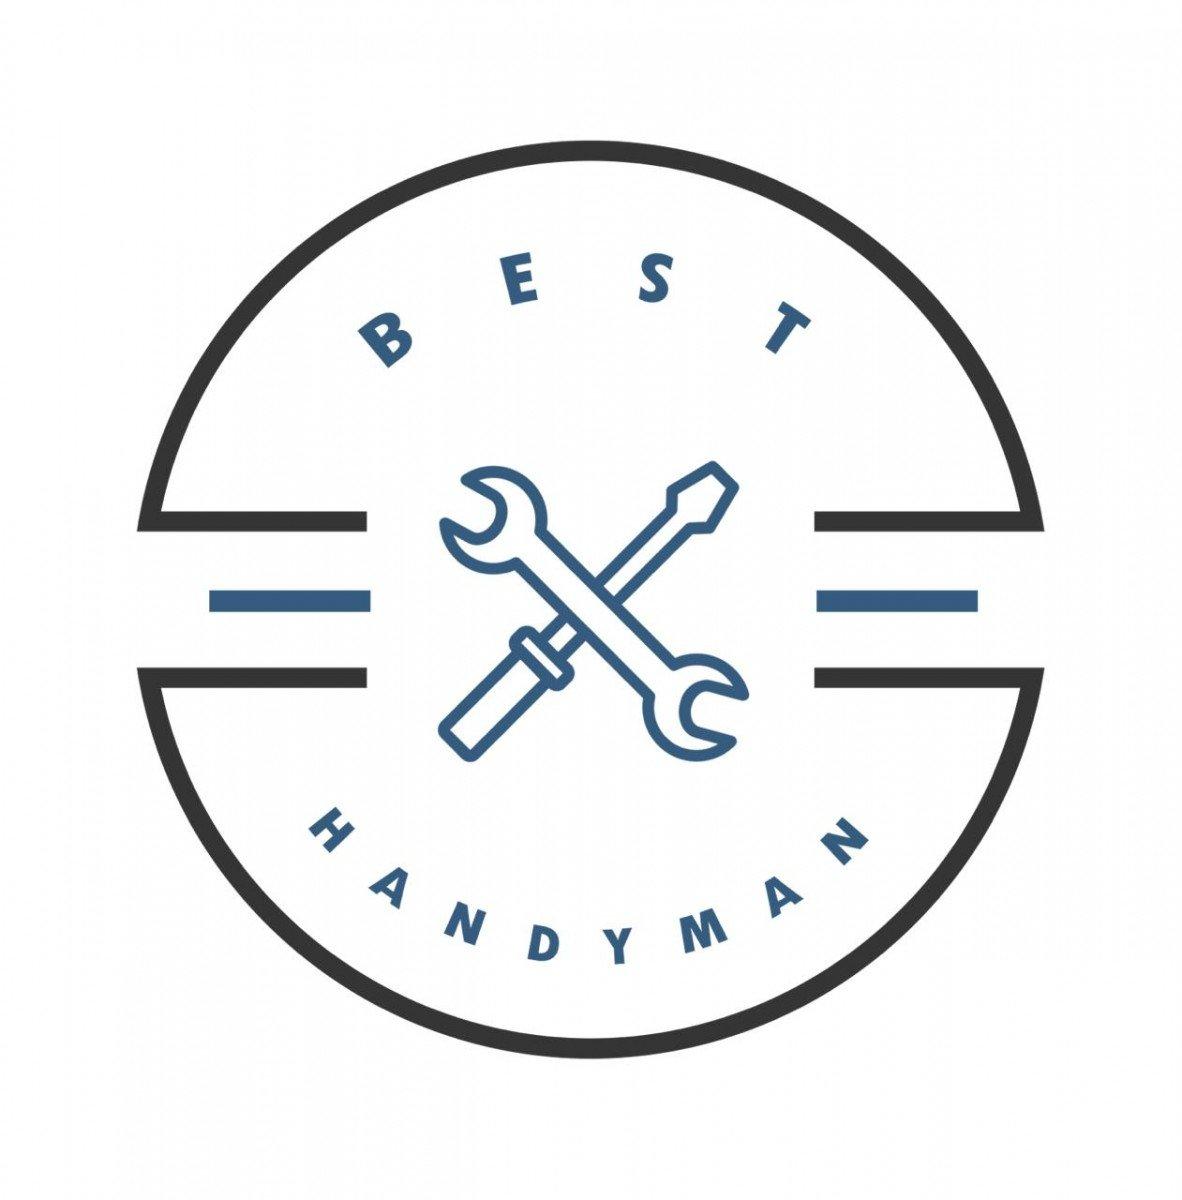 Handyman-Badge Plumbing